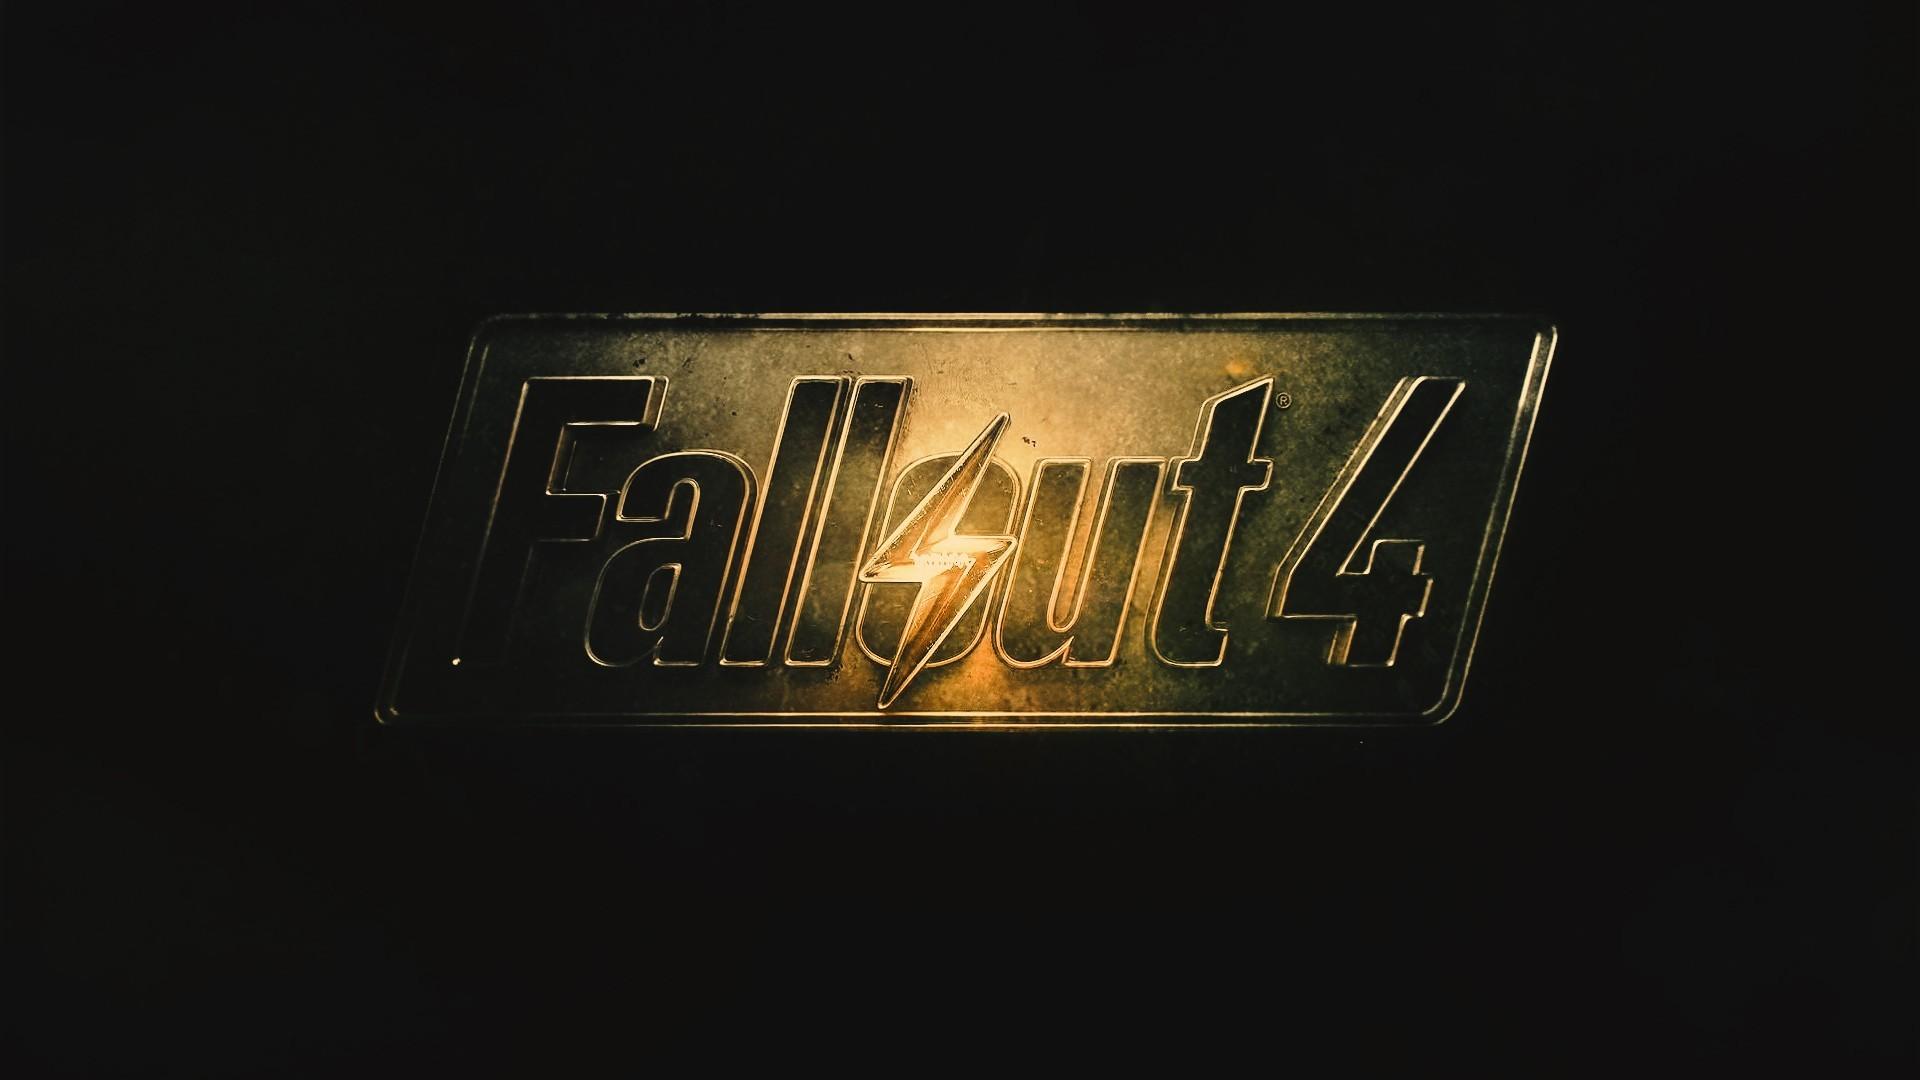 Wallpaper fallout 4, fallout, logo